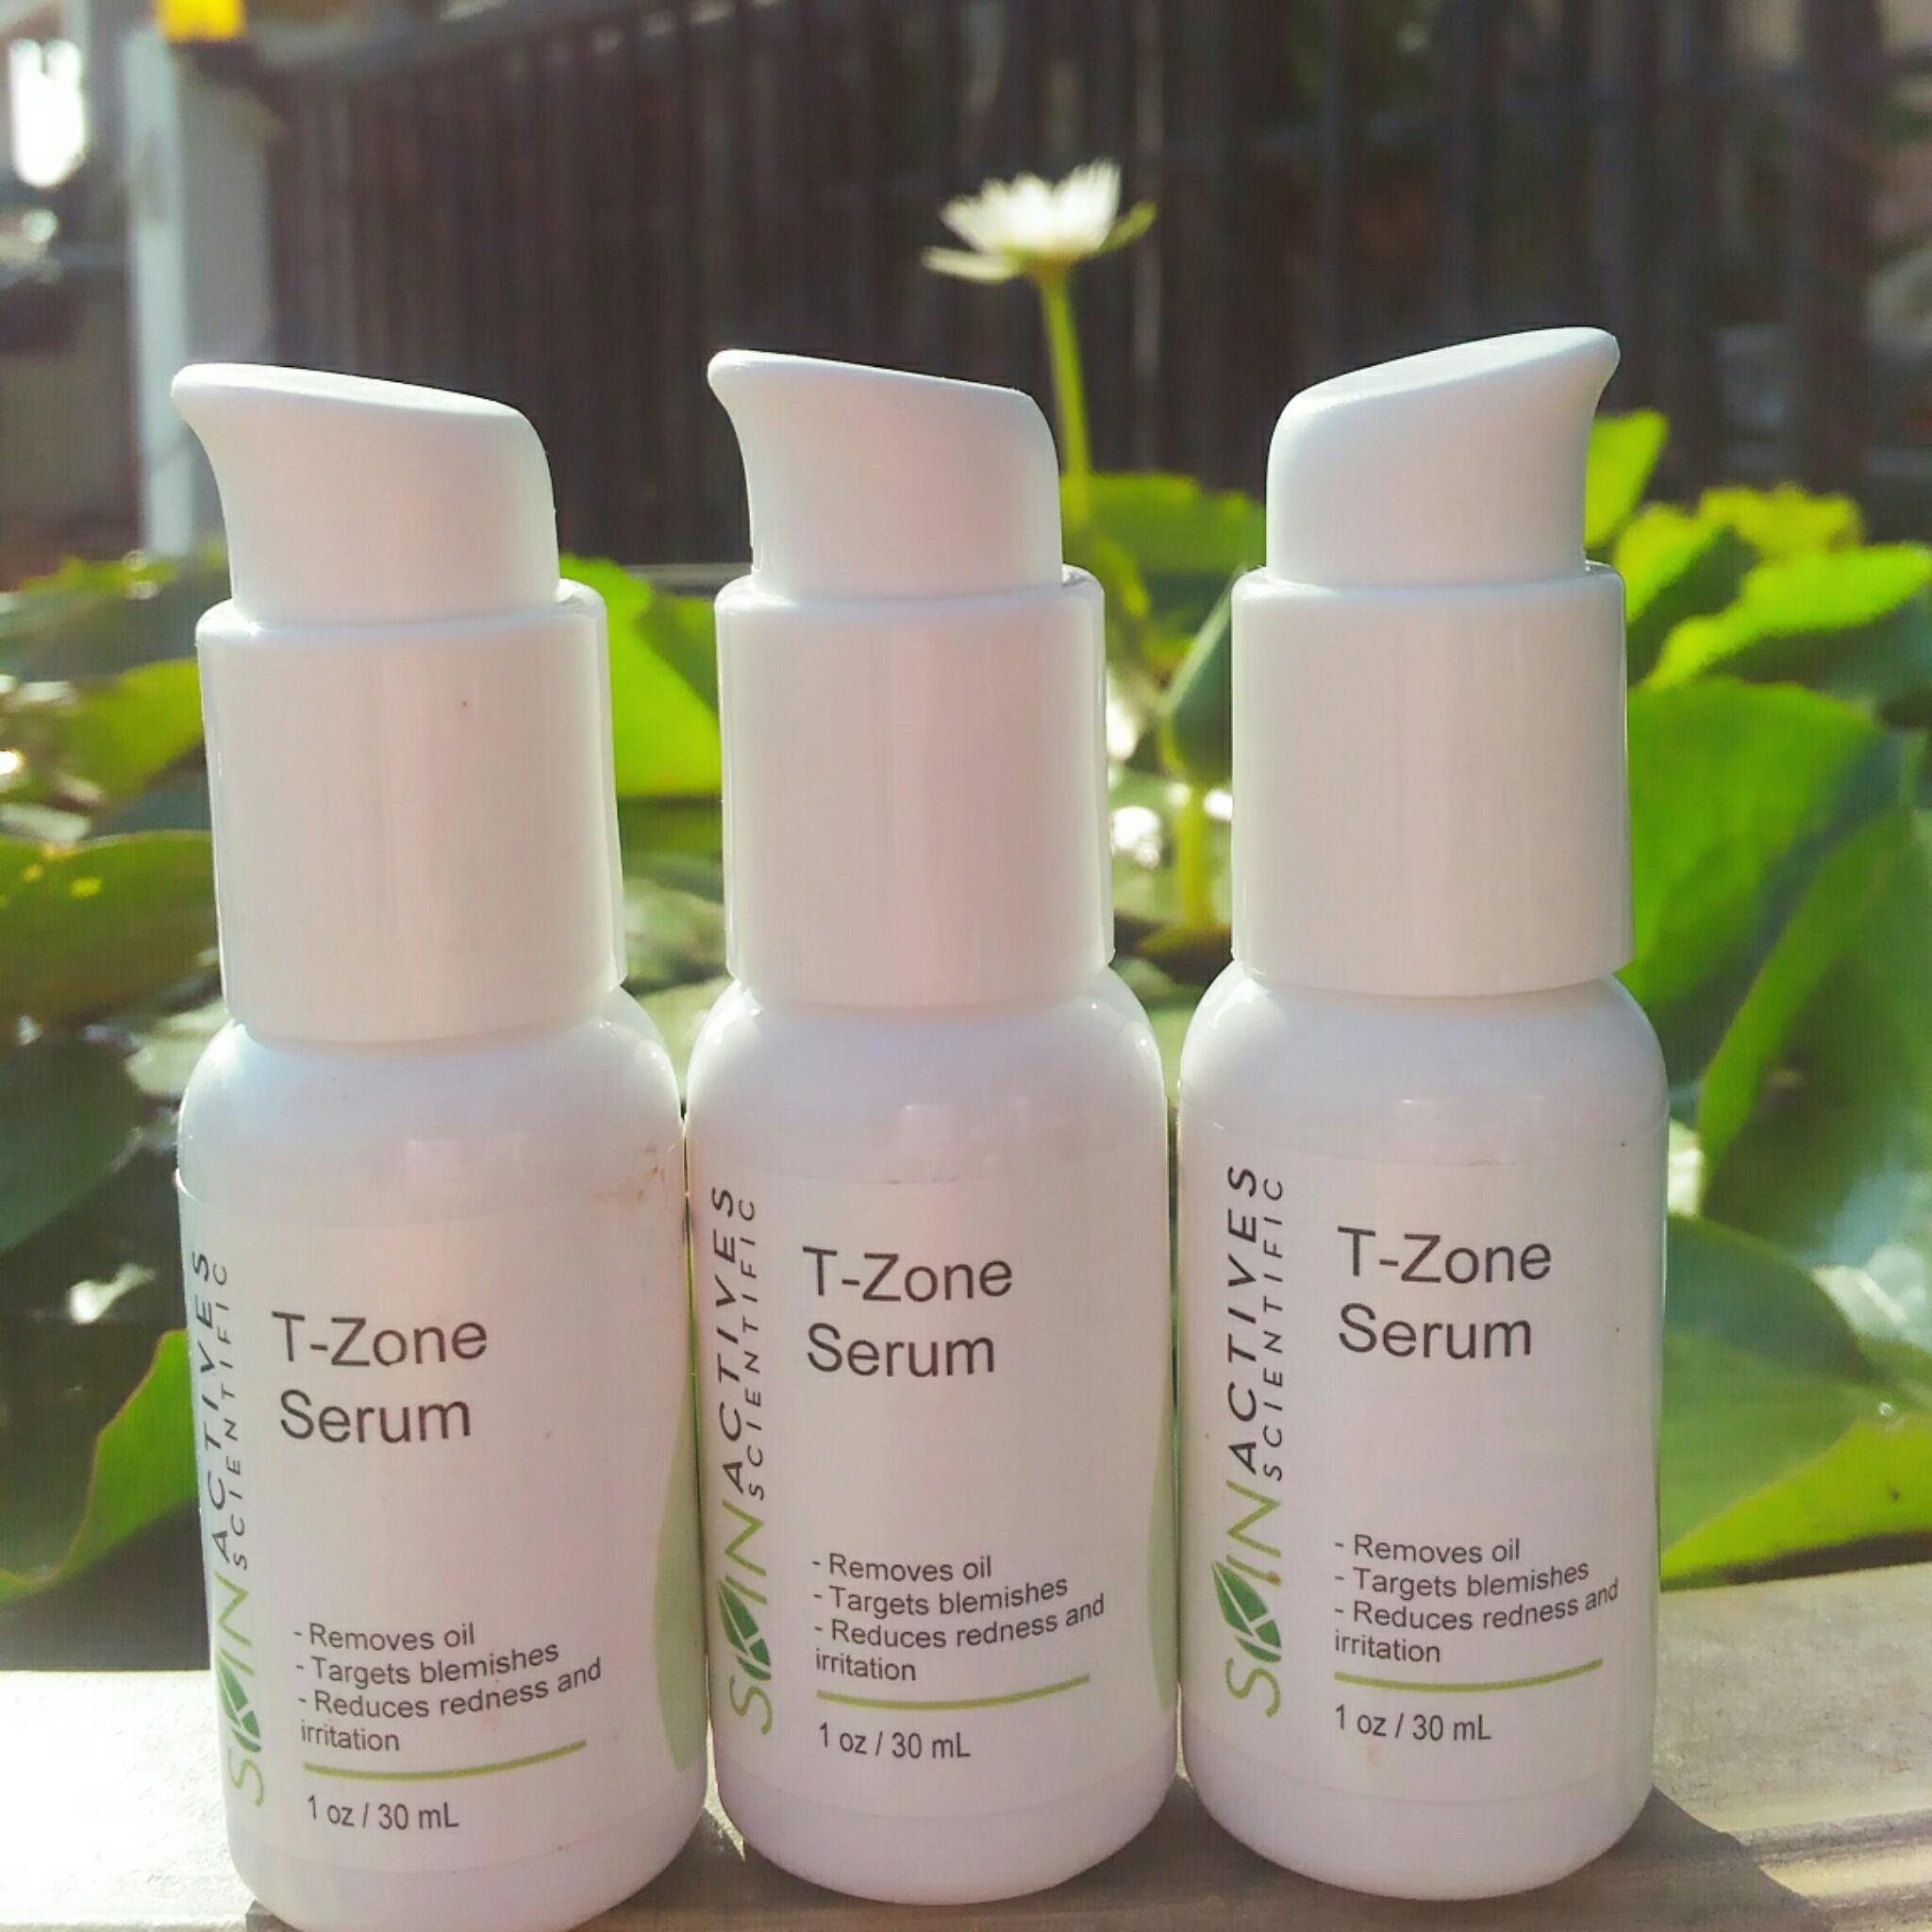 เซรั่มบำรุงผิวหน้าควบคุมความมัน Skin Actives Scientific T Zone Serum